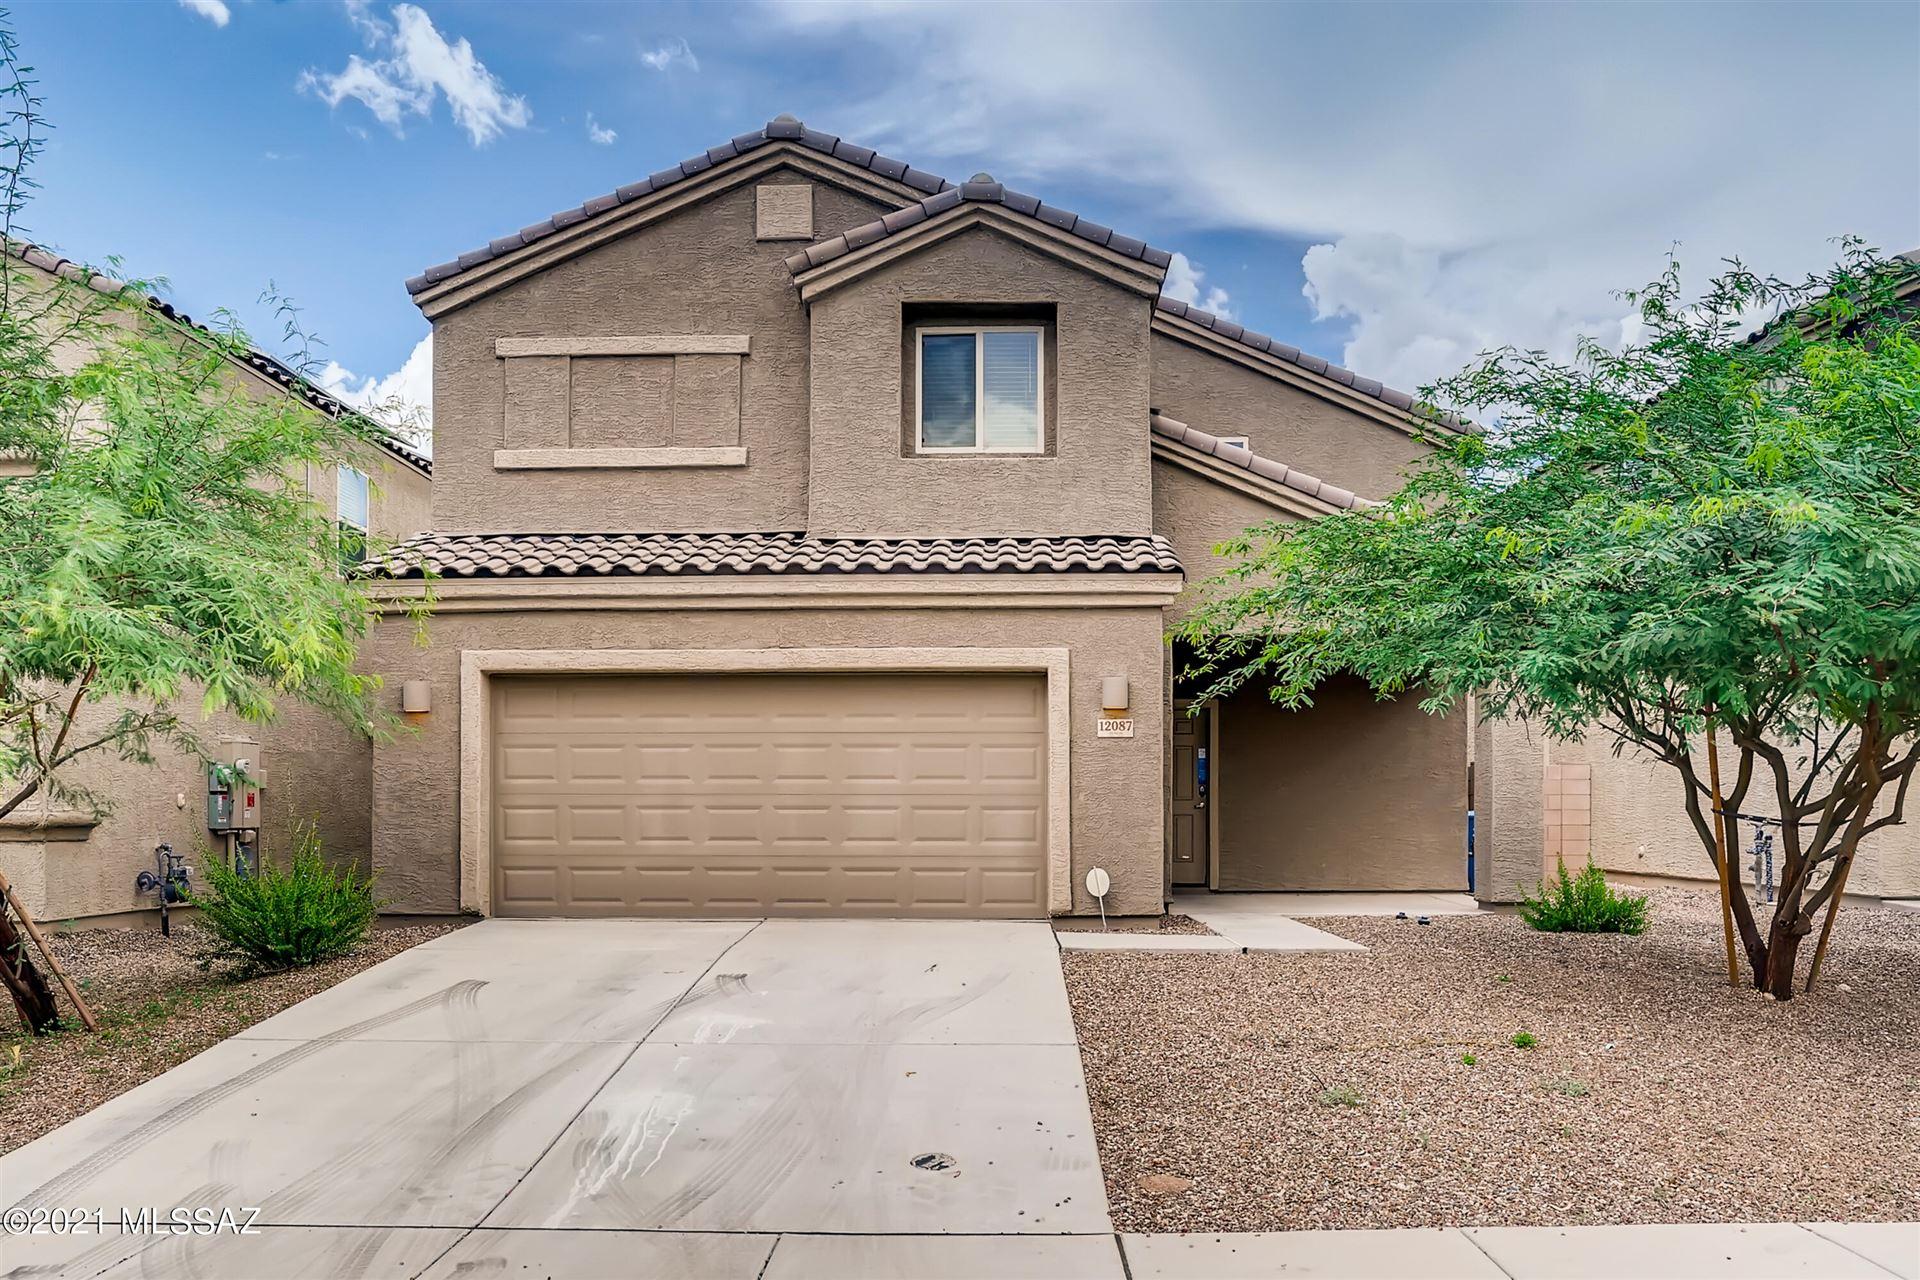 12087 E Becker Drive, Vail, AZ 85641 - MLS#: 22121988